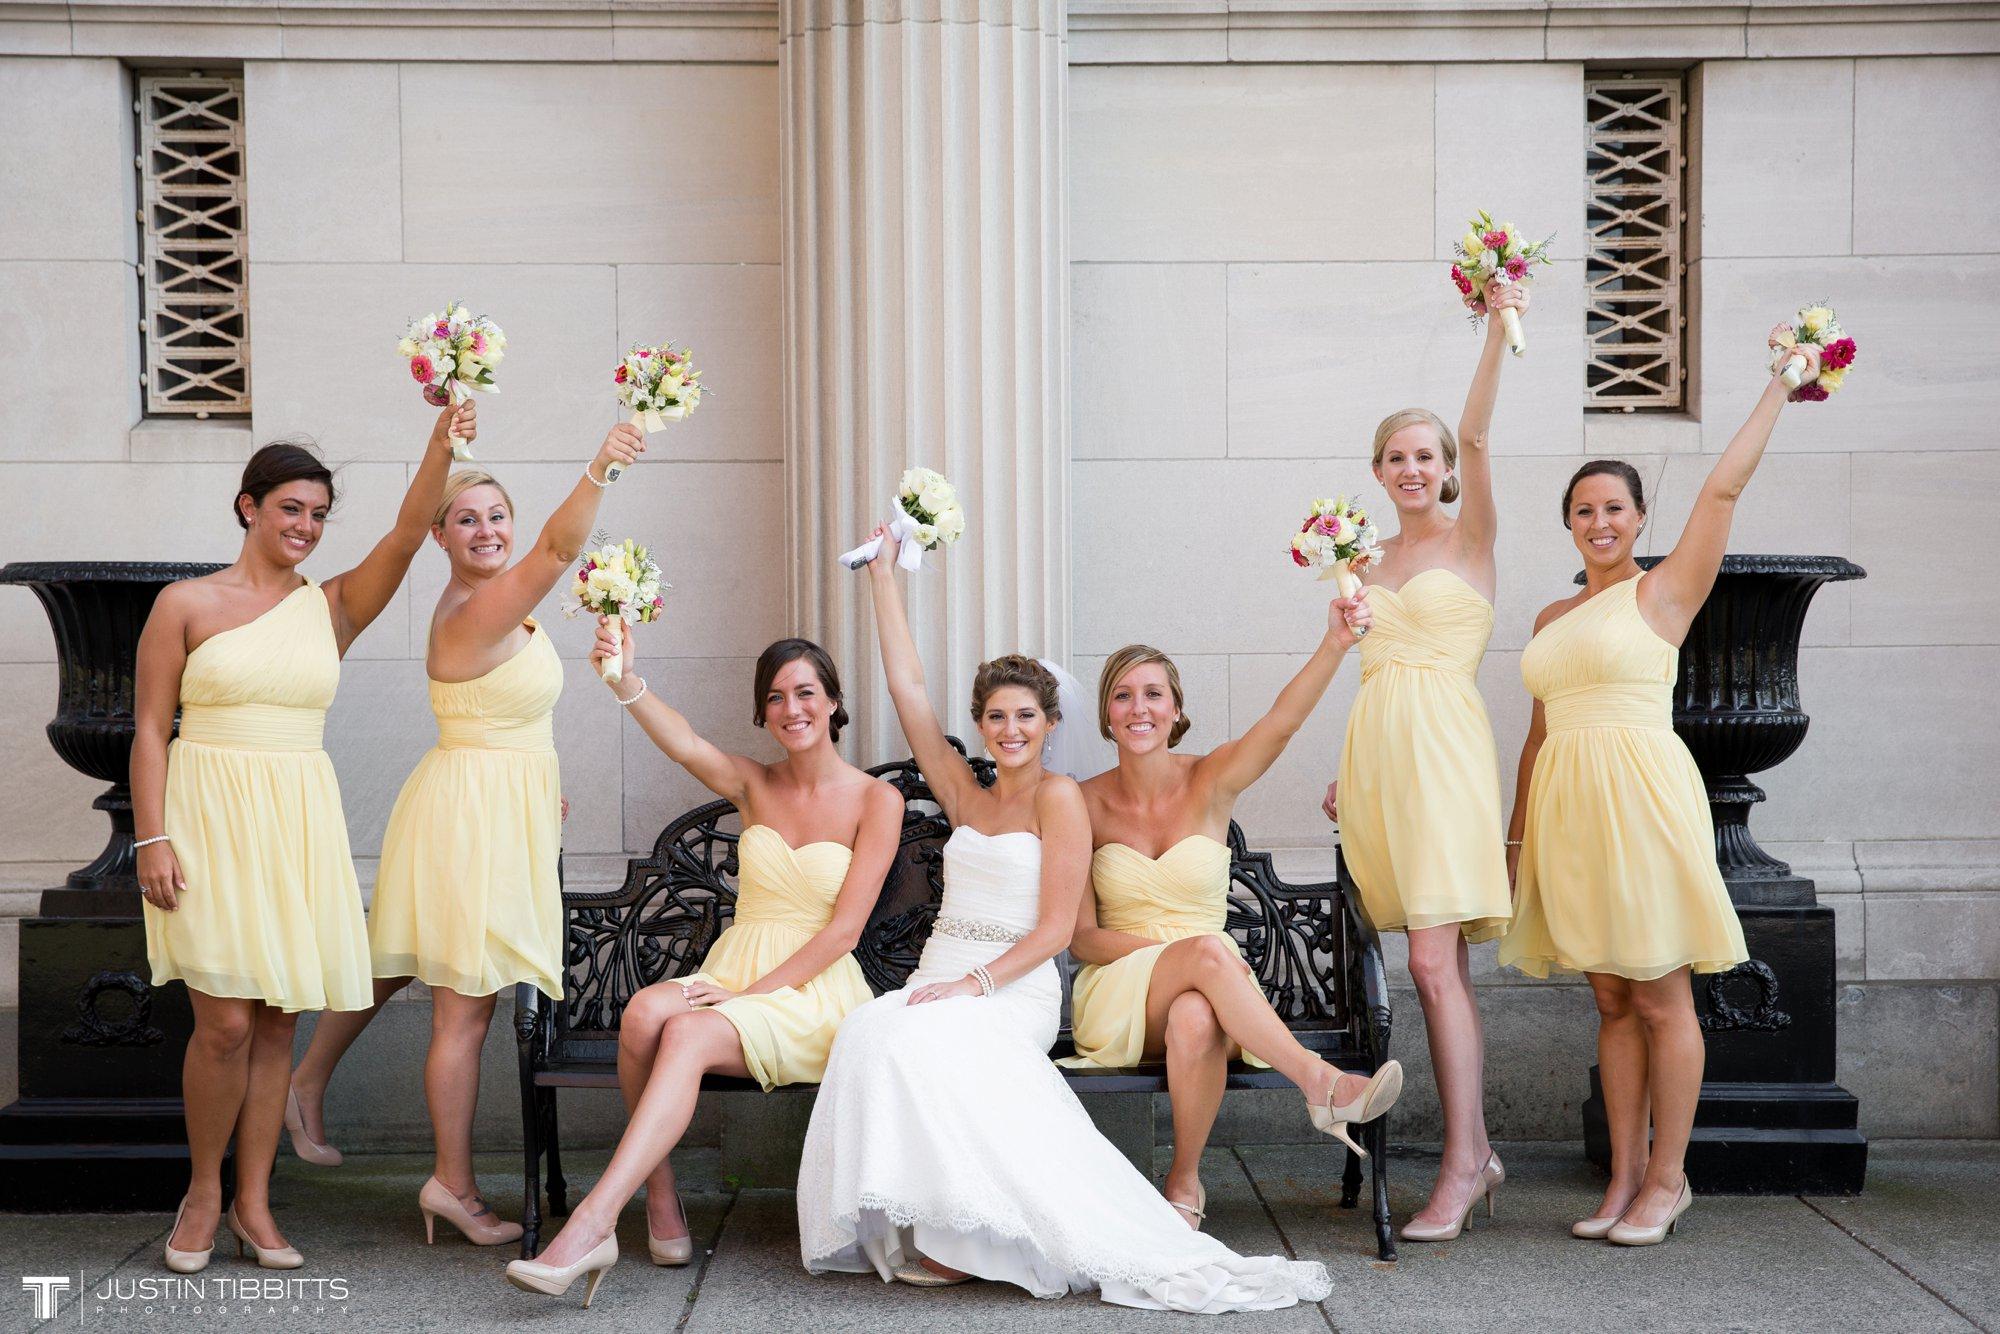 Albany NY Wedding Photographer Justin Tibbitts Photography 2014 Best of Albany NY Weddings-25210073